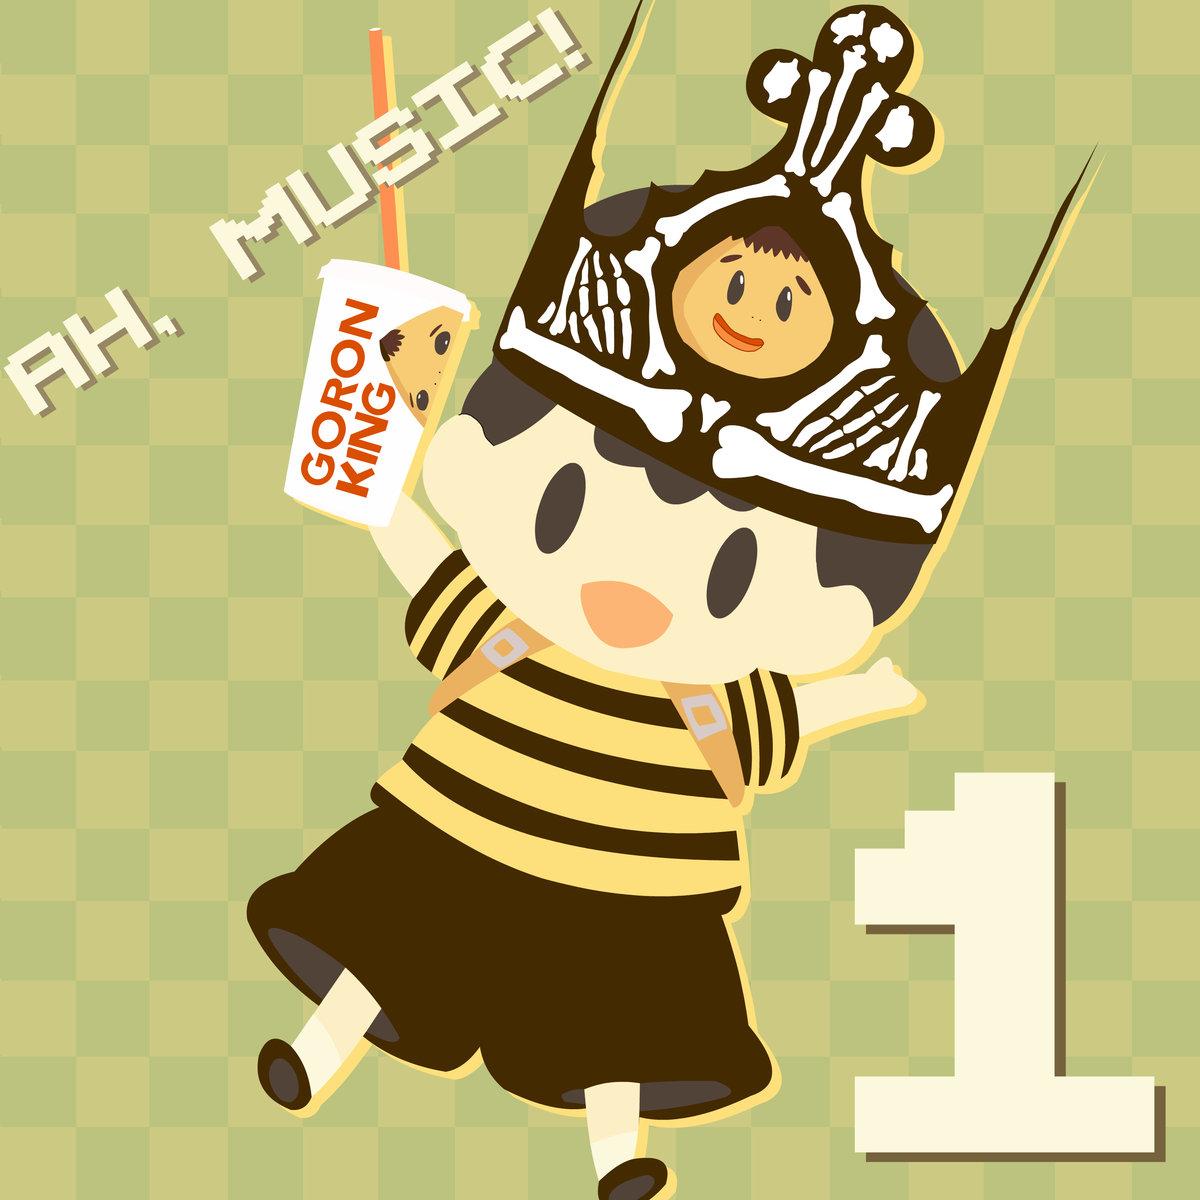 AHlbum 1 by AHmusic